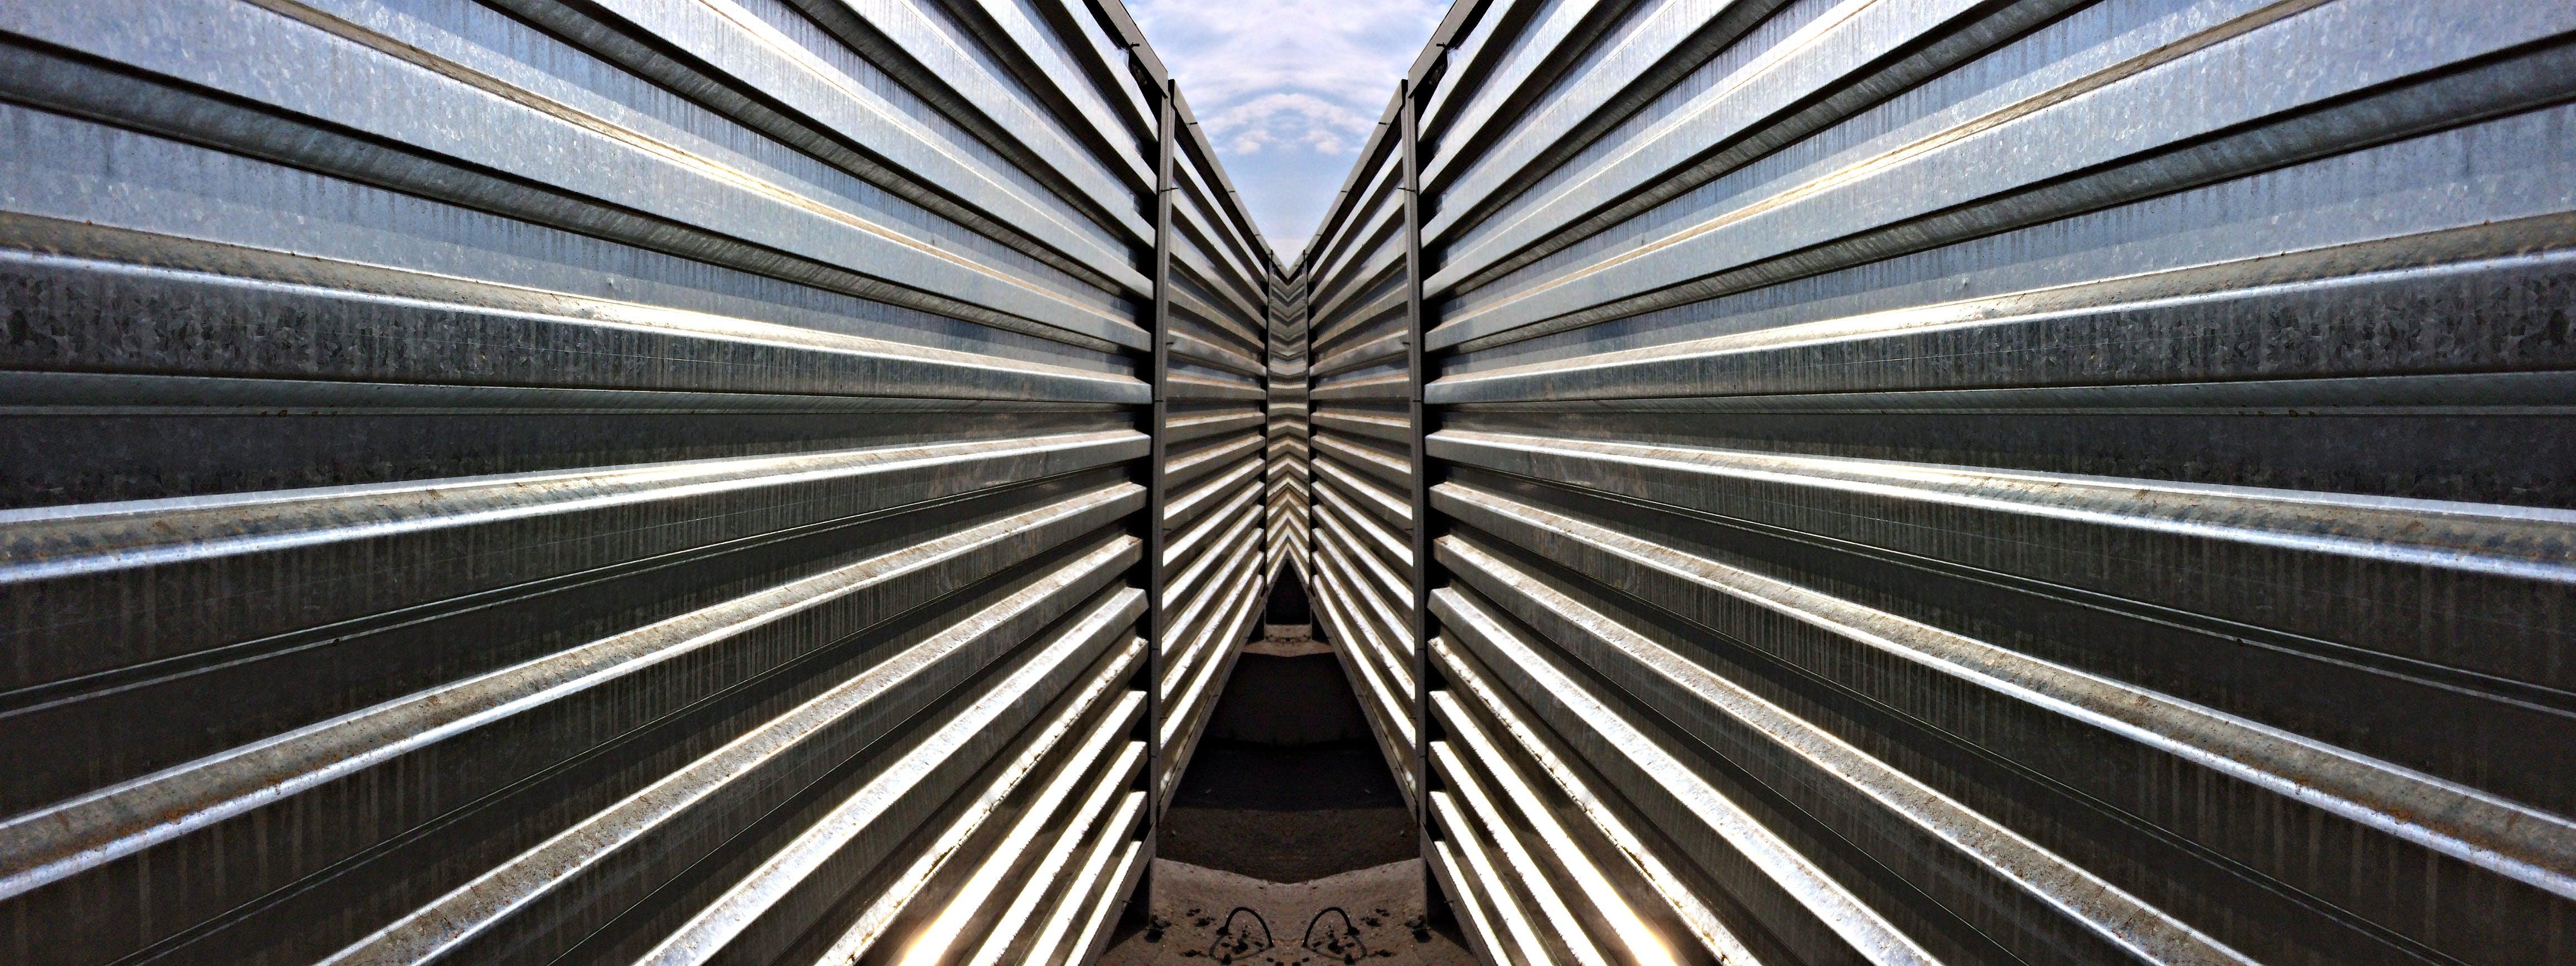 Free stock photo of fence, iron, metal, metallic